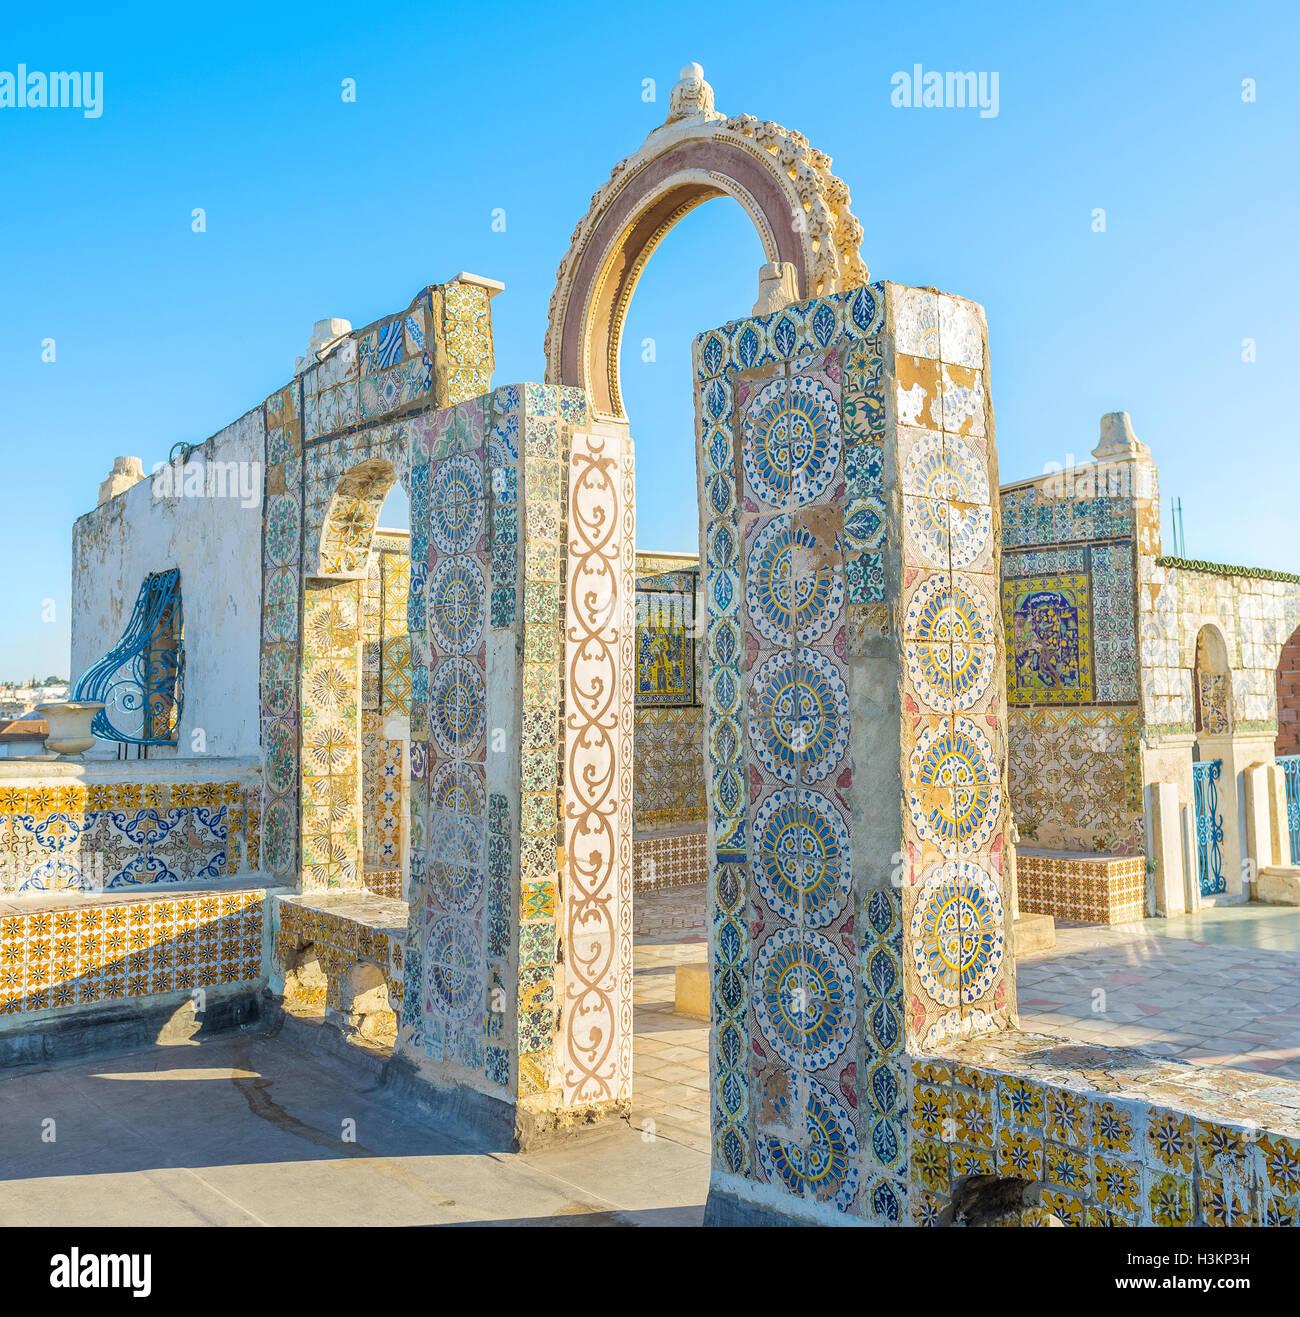 Las pintorescas ruinas cubiertas con azulejos en el techo de la mansión en la Medina de Túnez. Imagen De Stock